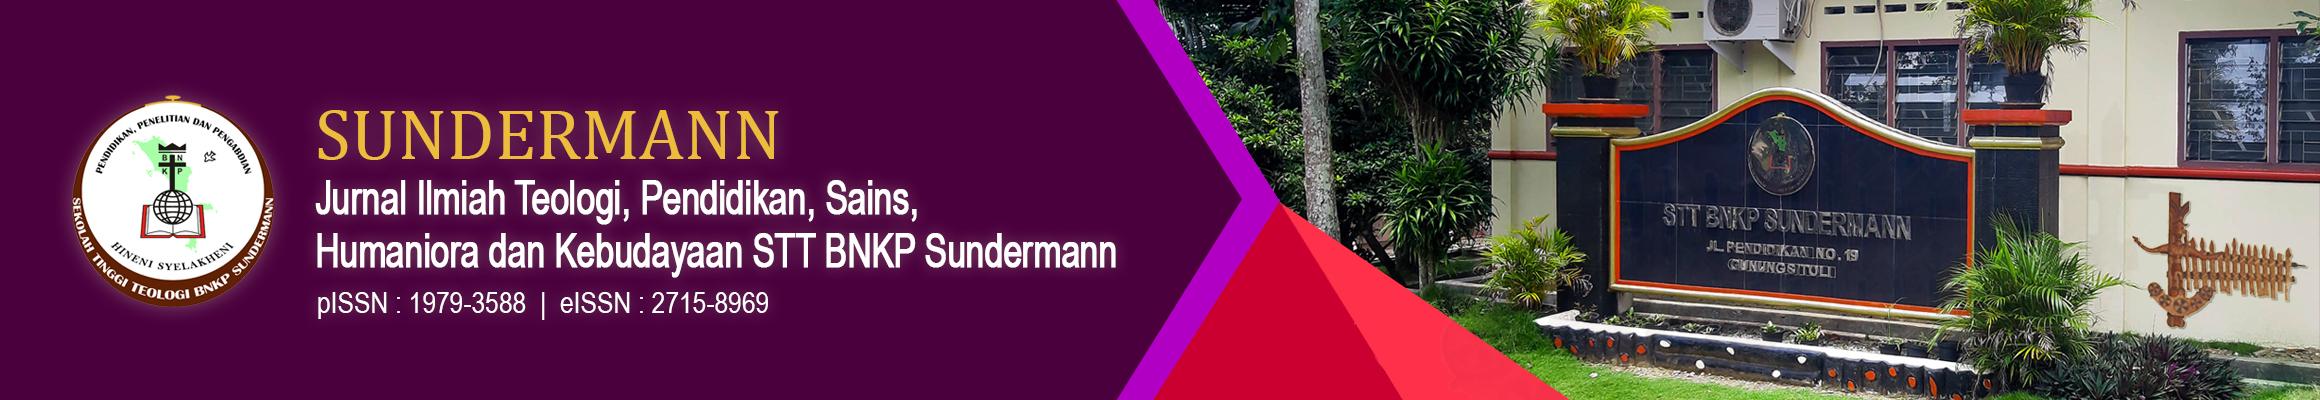 Jurnal Sundermann pISSN 1979-3588 eISSN 2715-8969